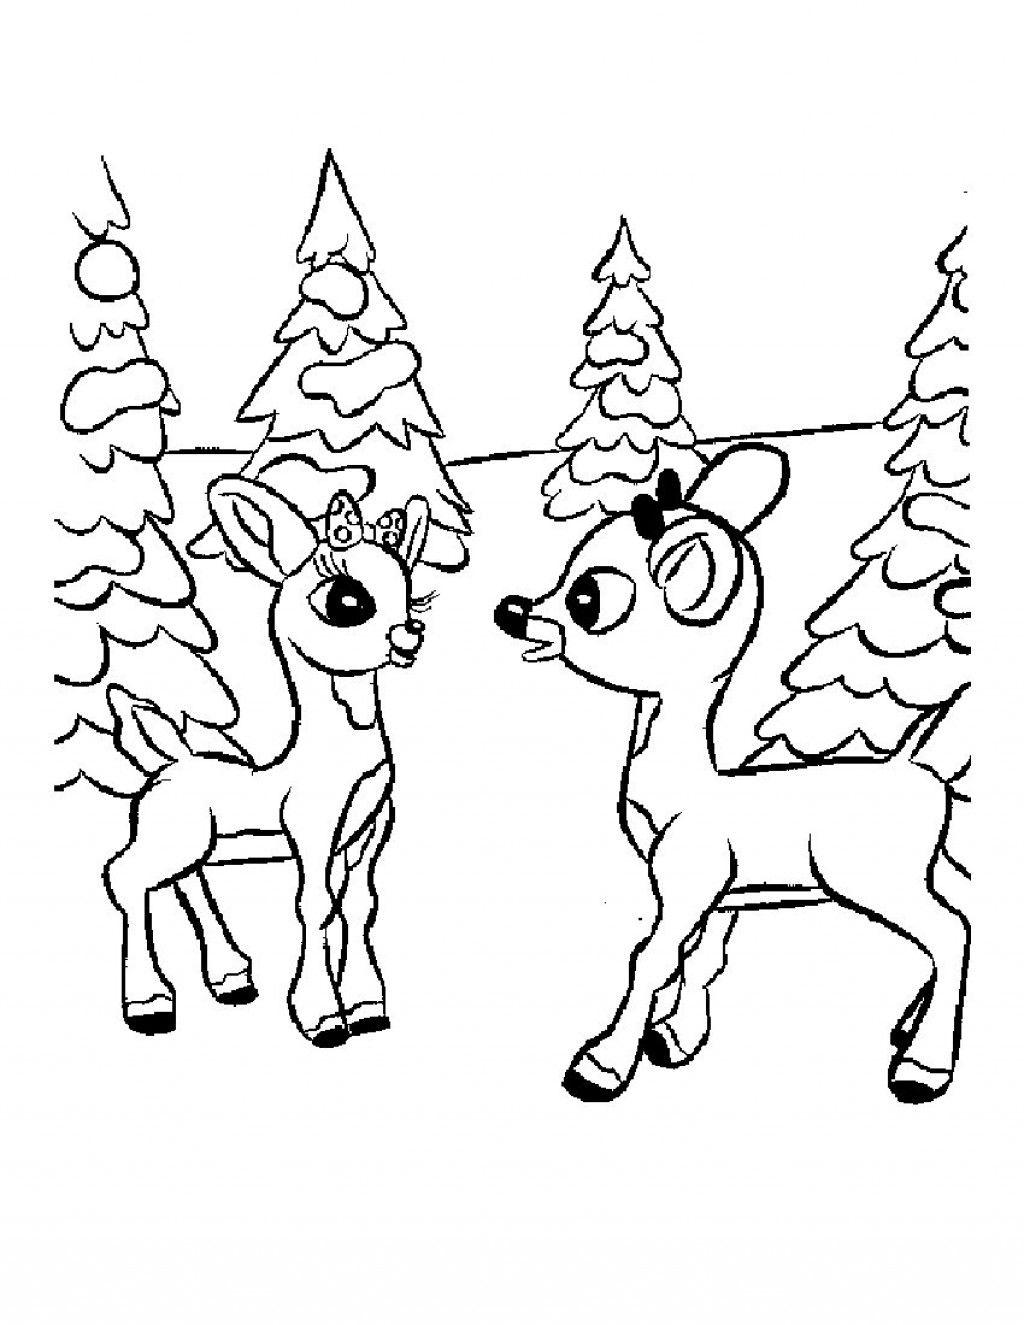 96dbd08d3c47b5e0e792a2dfcd6ec142 » Rudolph Coloring Pages Free